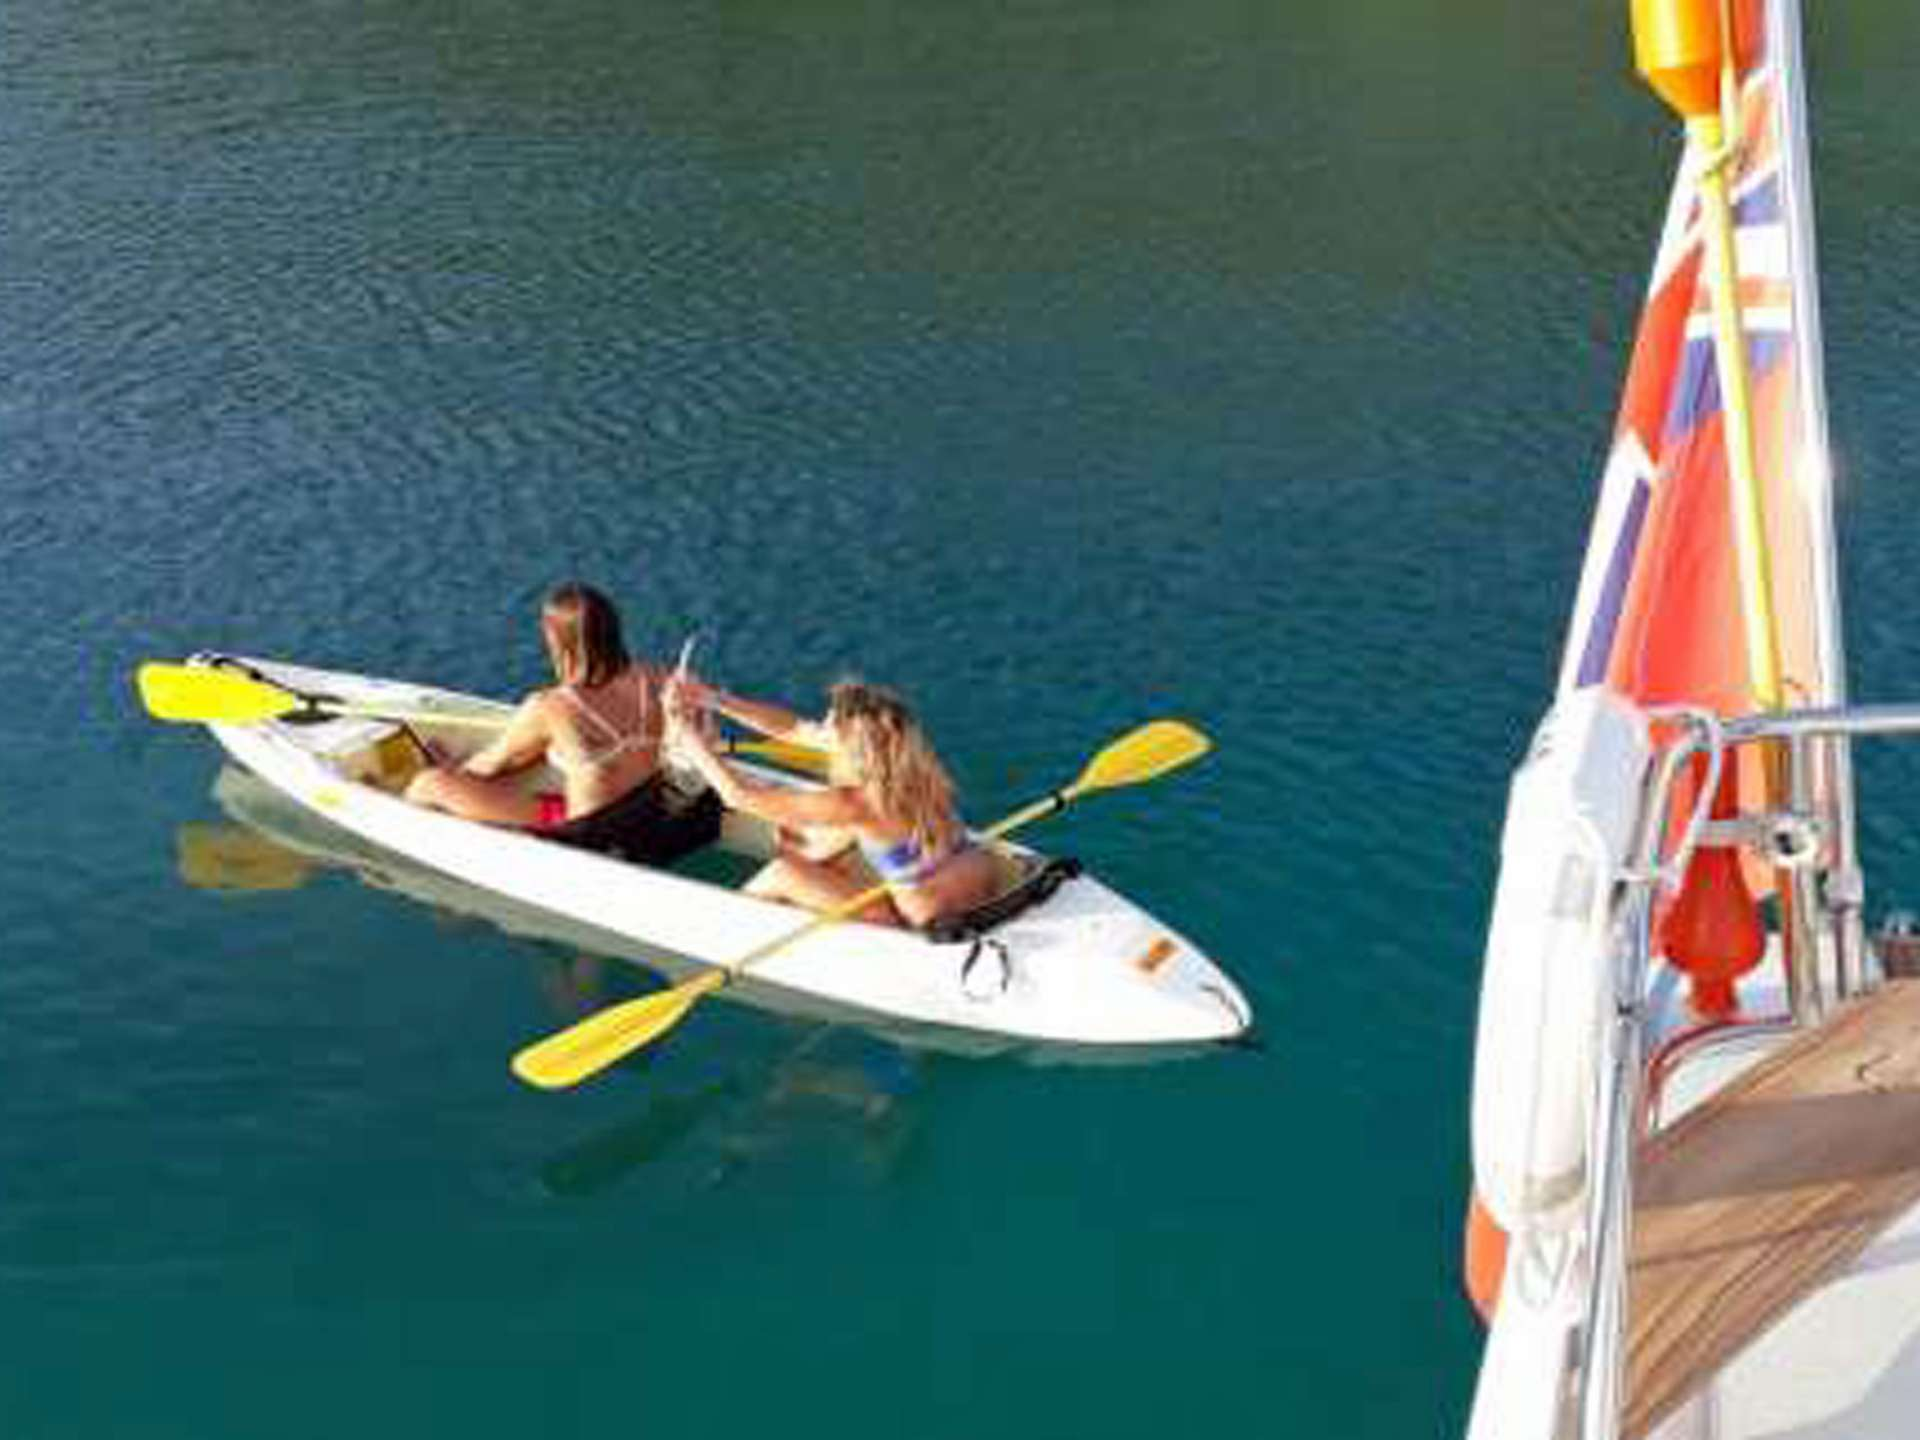 Fun in the Kayak